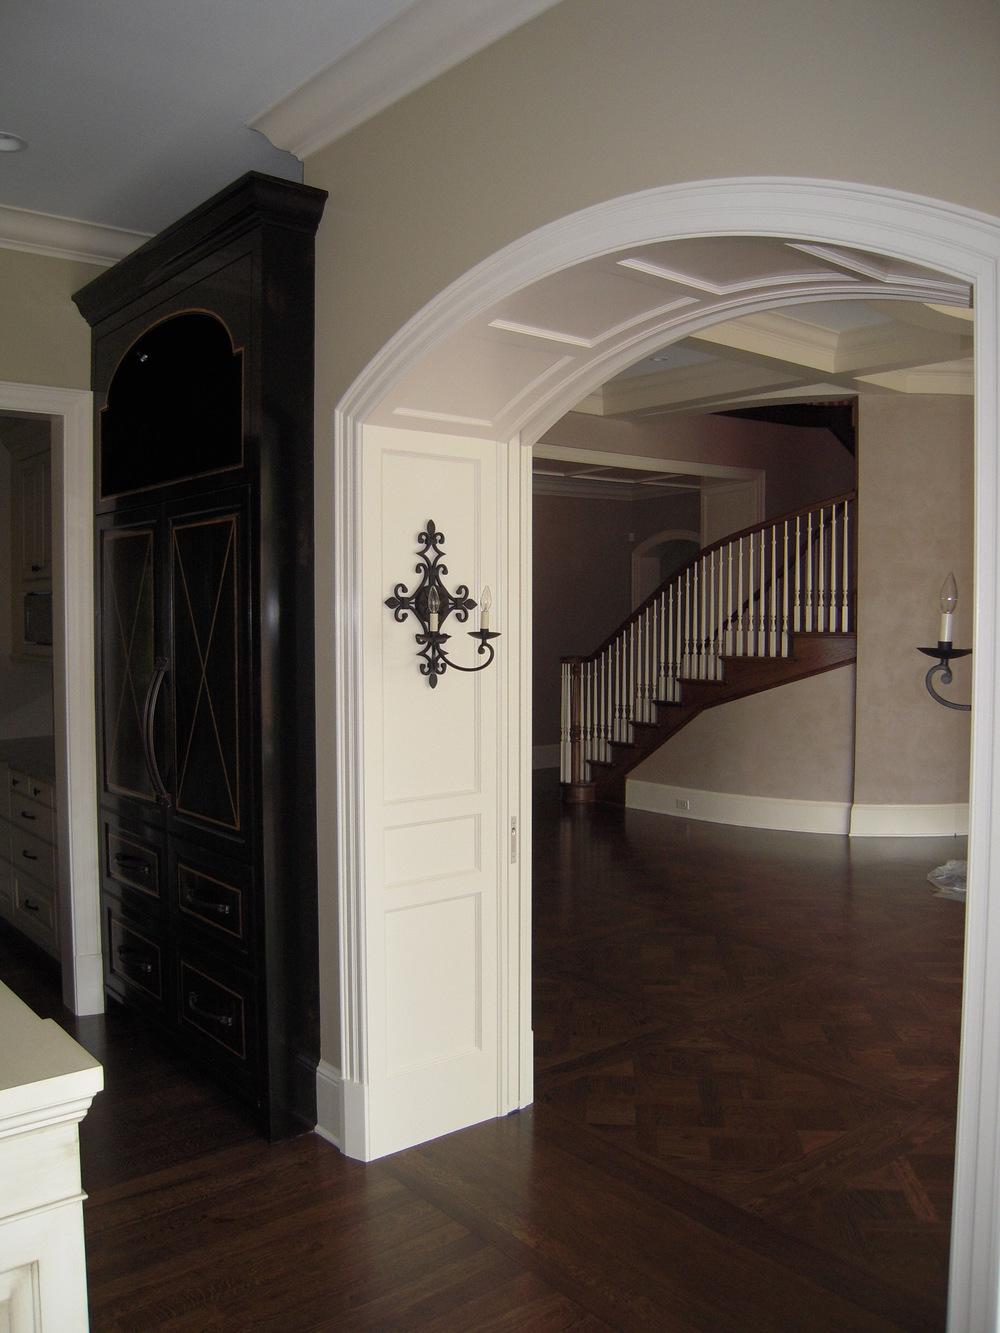 Mikan arched doorwaypanels.jpg